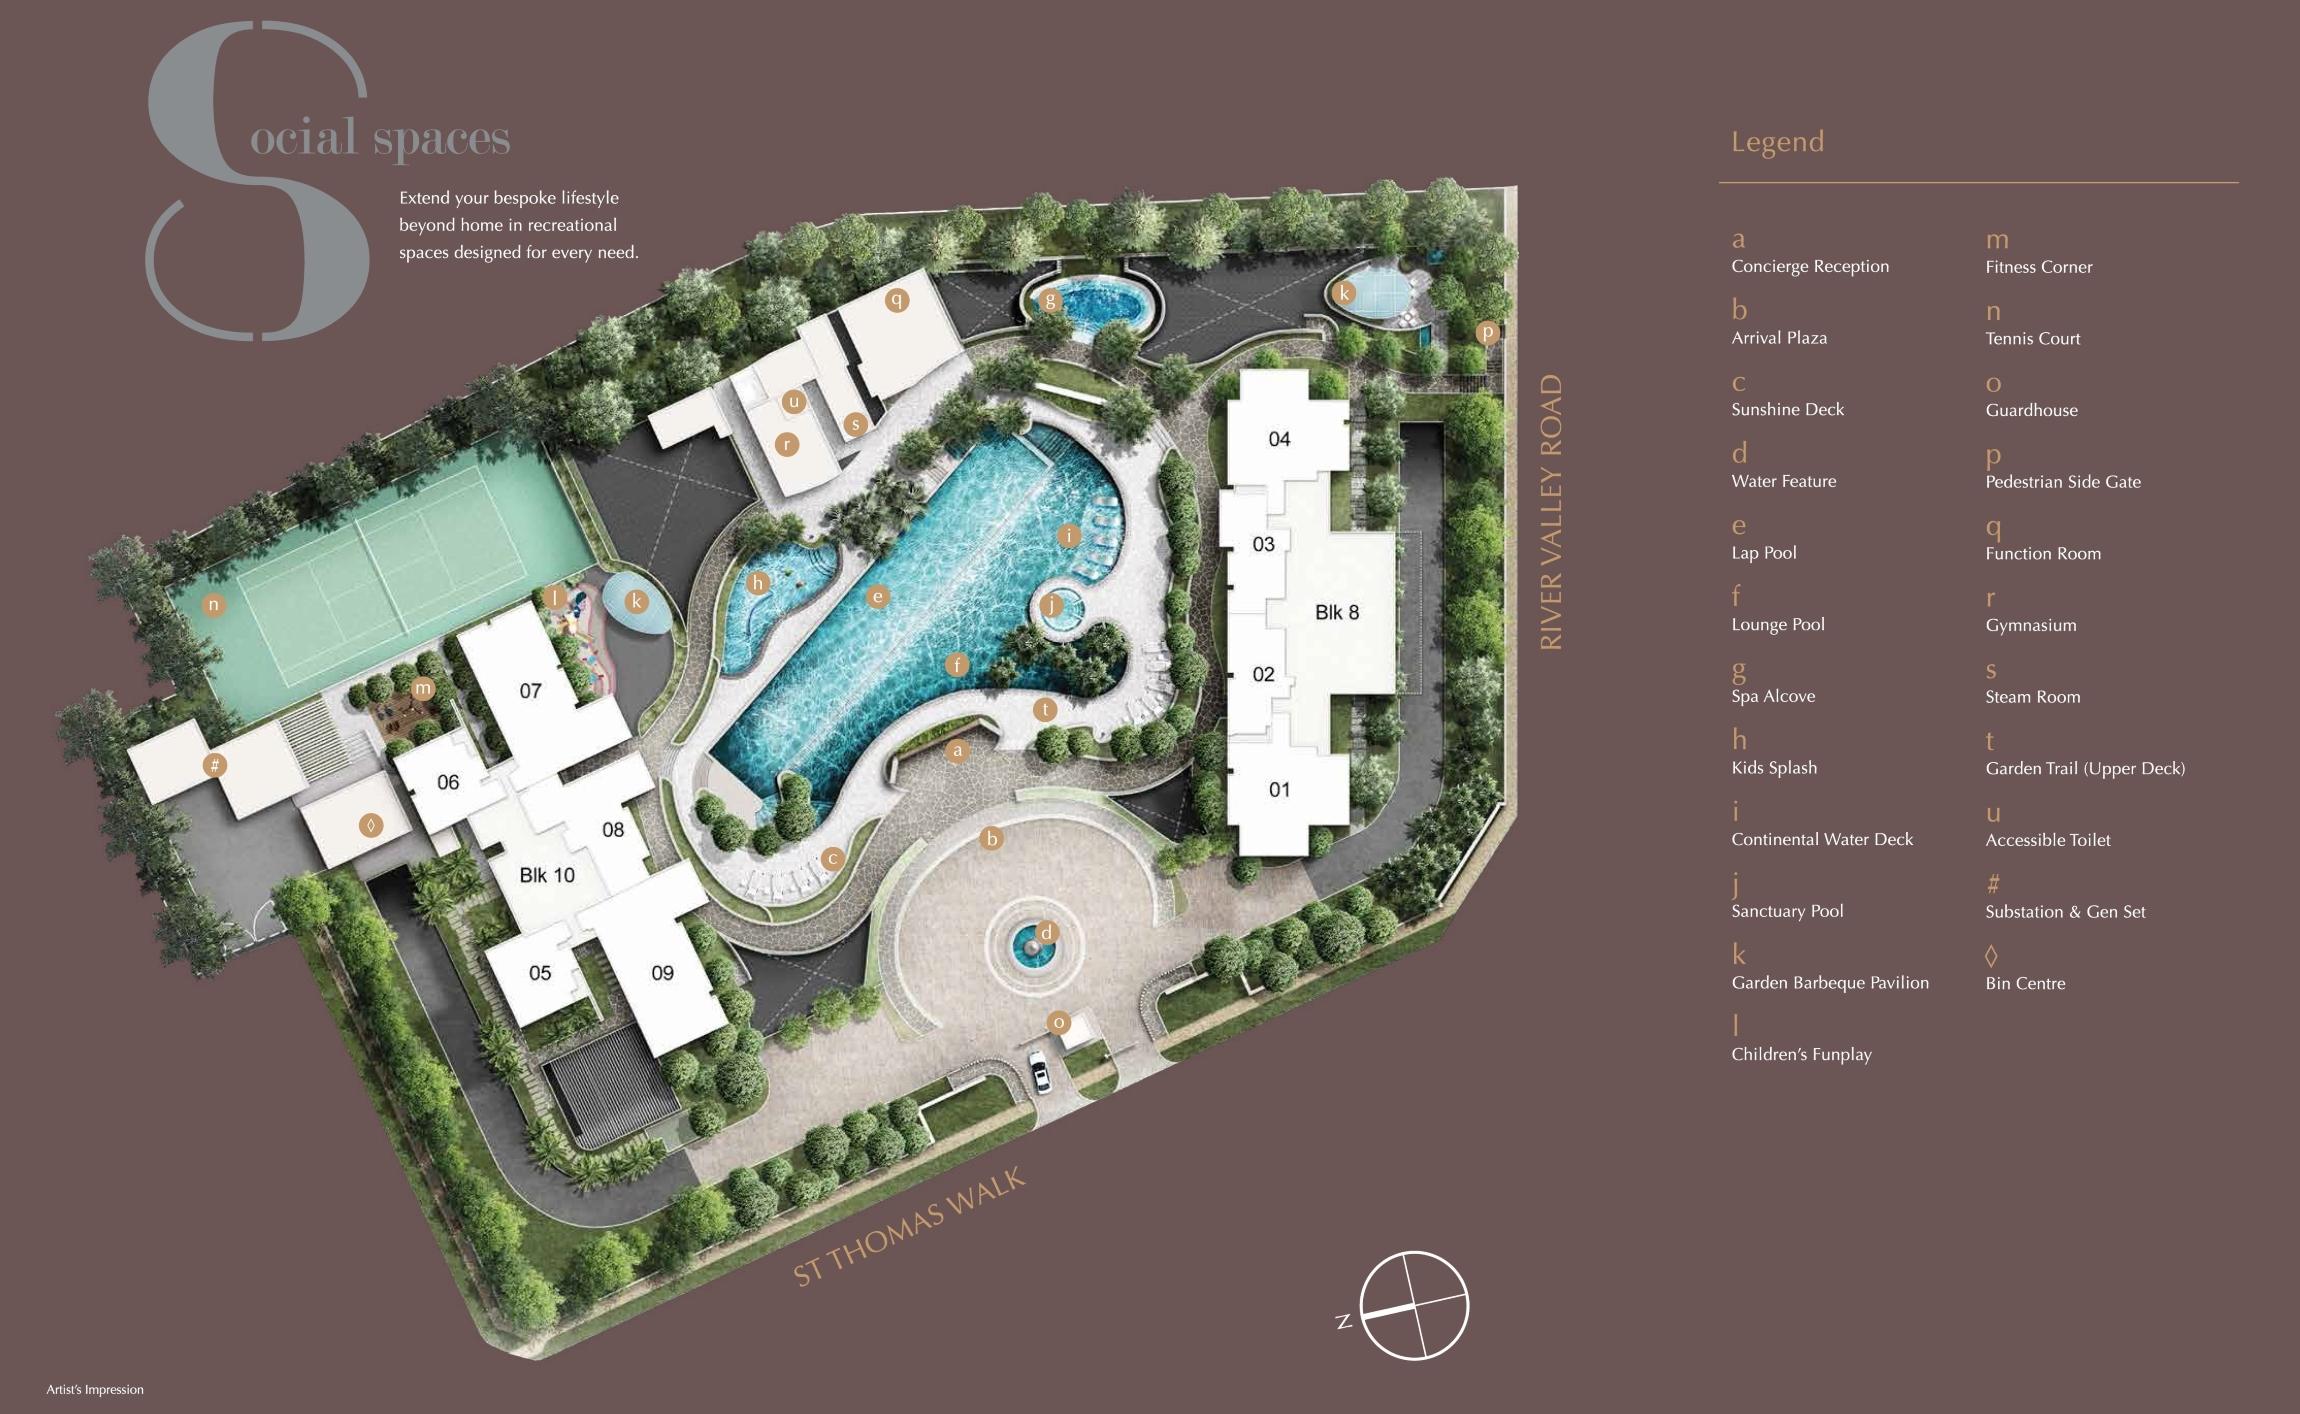 8 St Thomas Siteplan